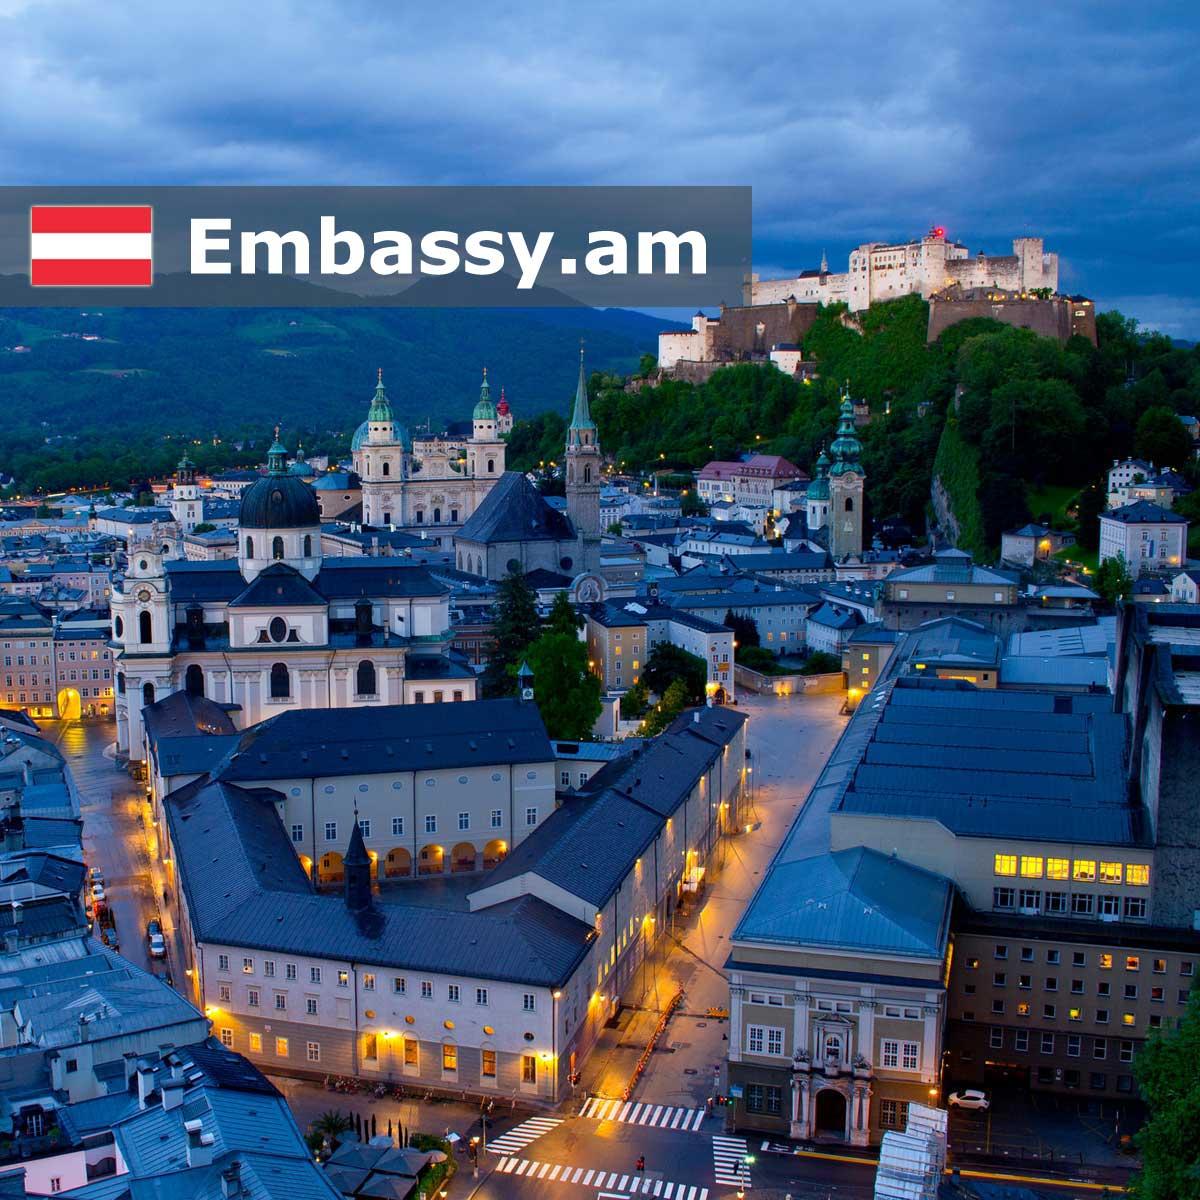 Зальцбург - Отели в Австрии - Embassy.am